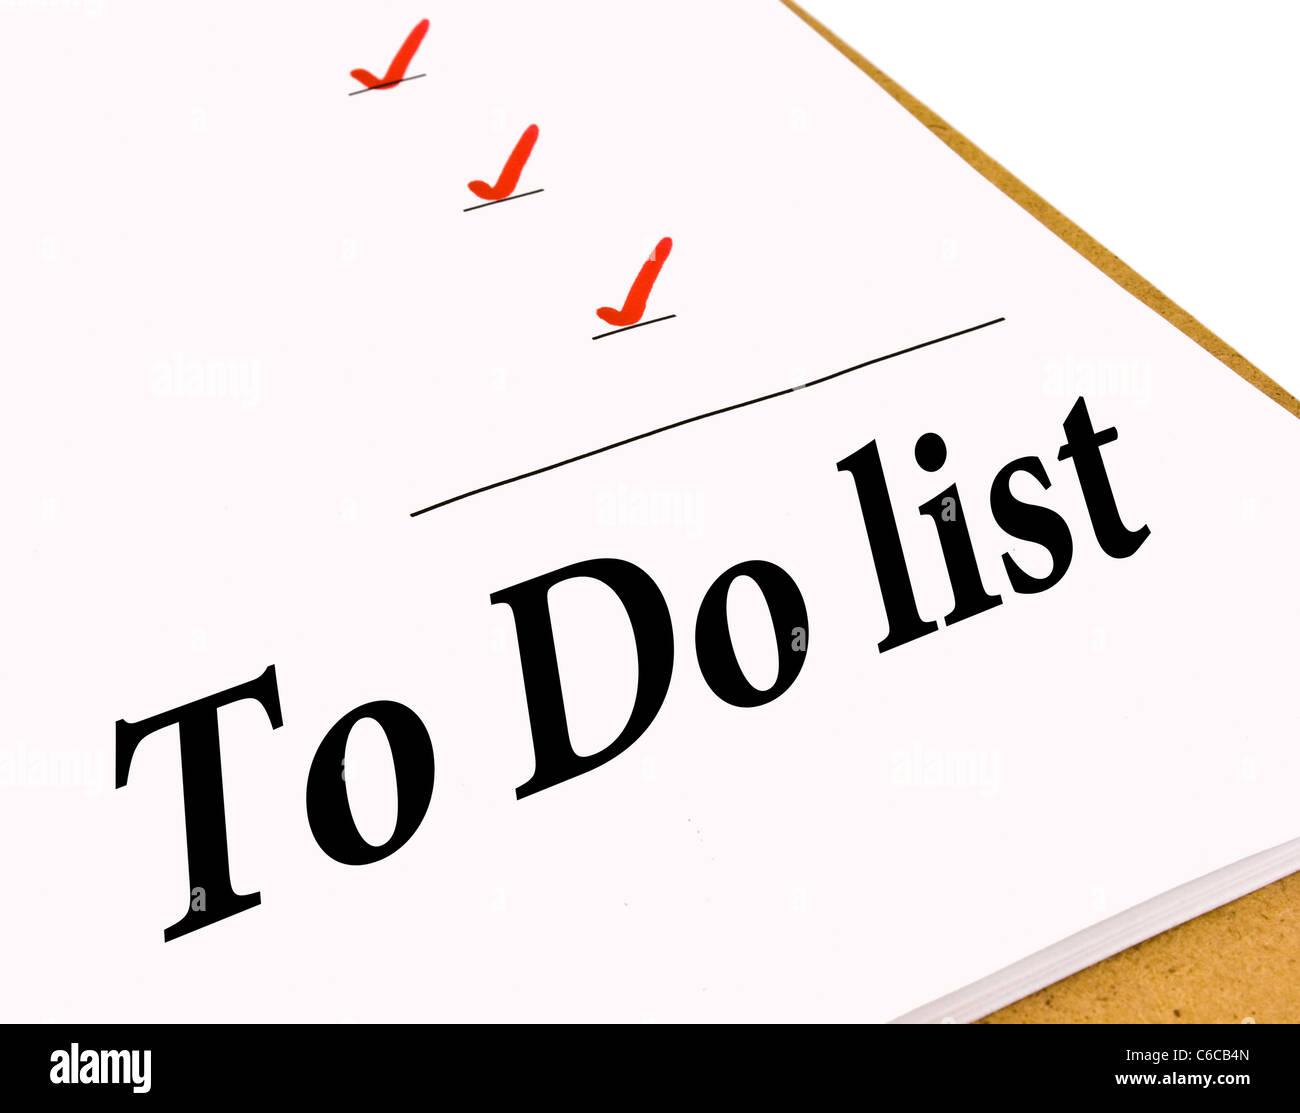 Elenco delle cose da fare con i segni di spunta isolato su bianco Immagini Stock